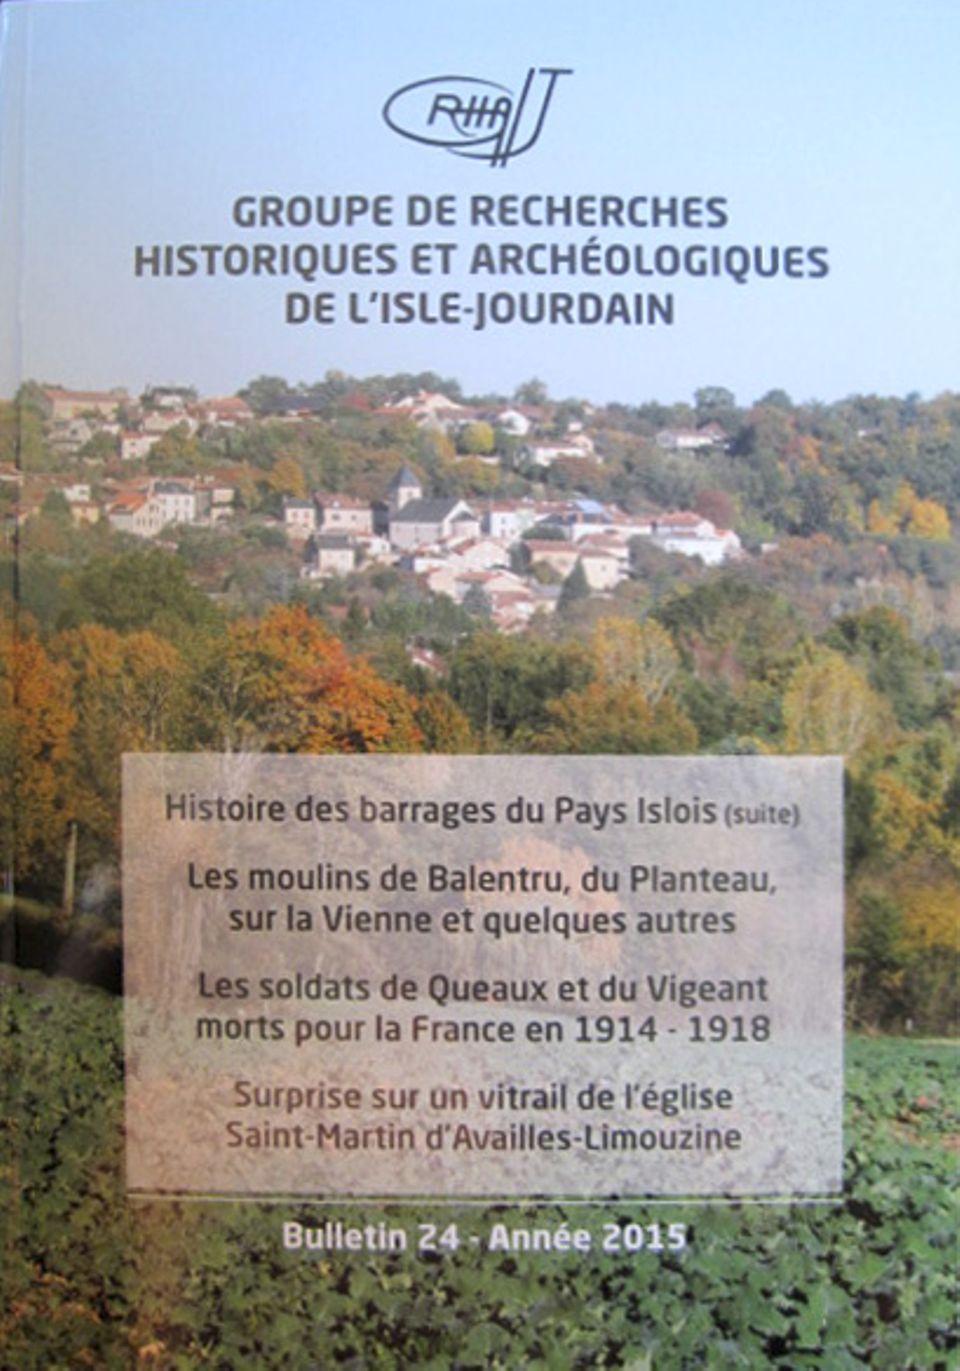 Bulletin du GRHAIJ, Bulletin n°24 - 2015,